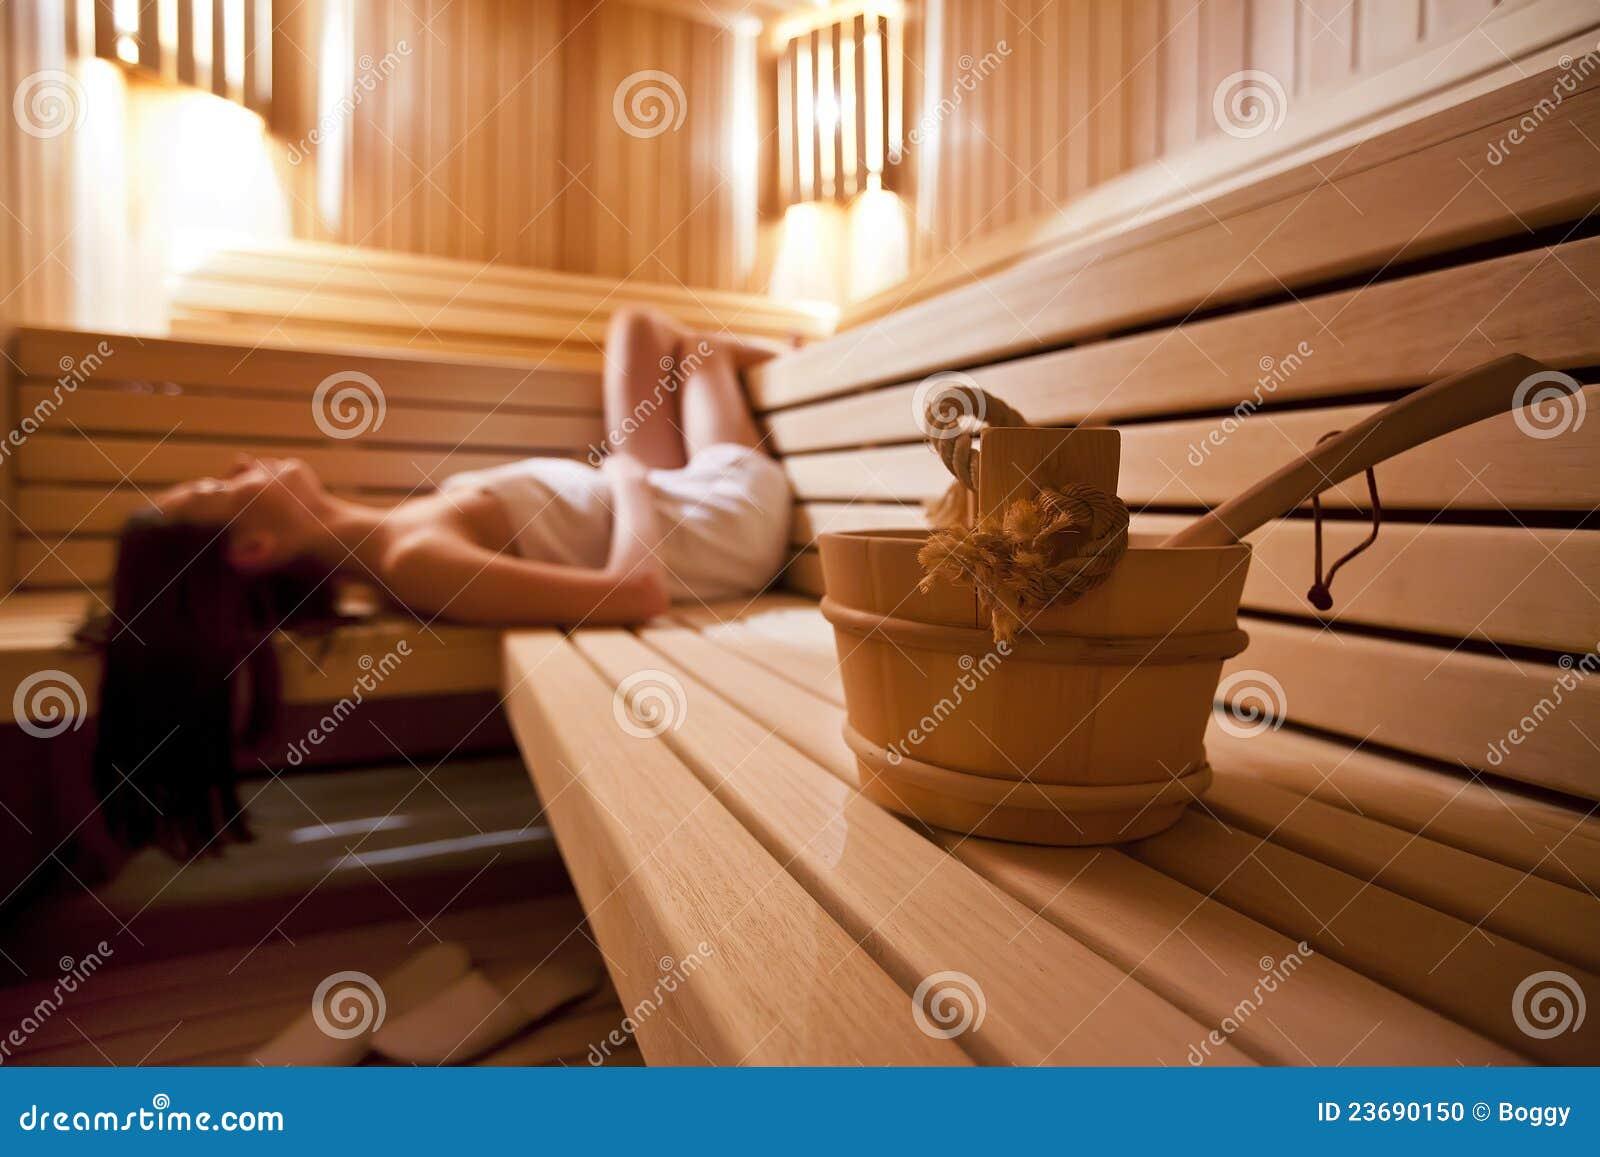 finnish sauna girls bing images. Black Bedroom Furniture Sets. Home Design Ideas